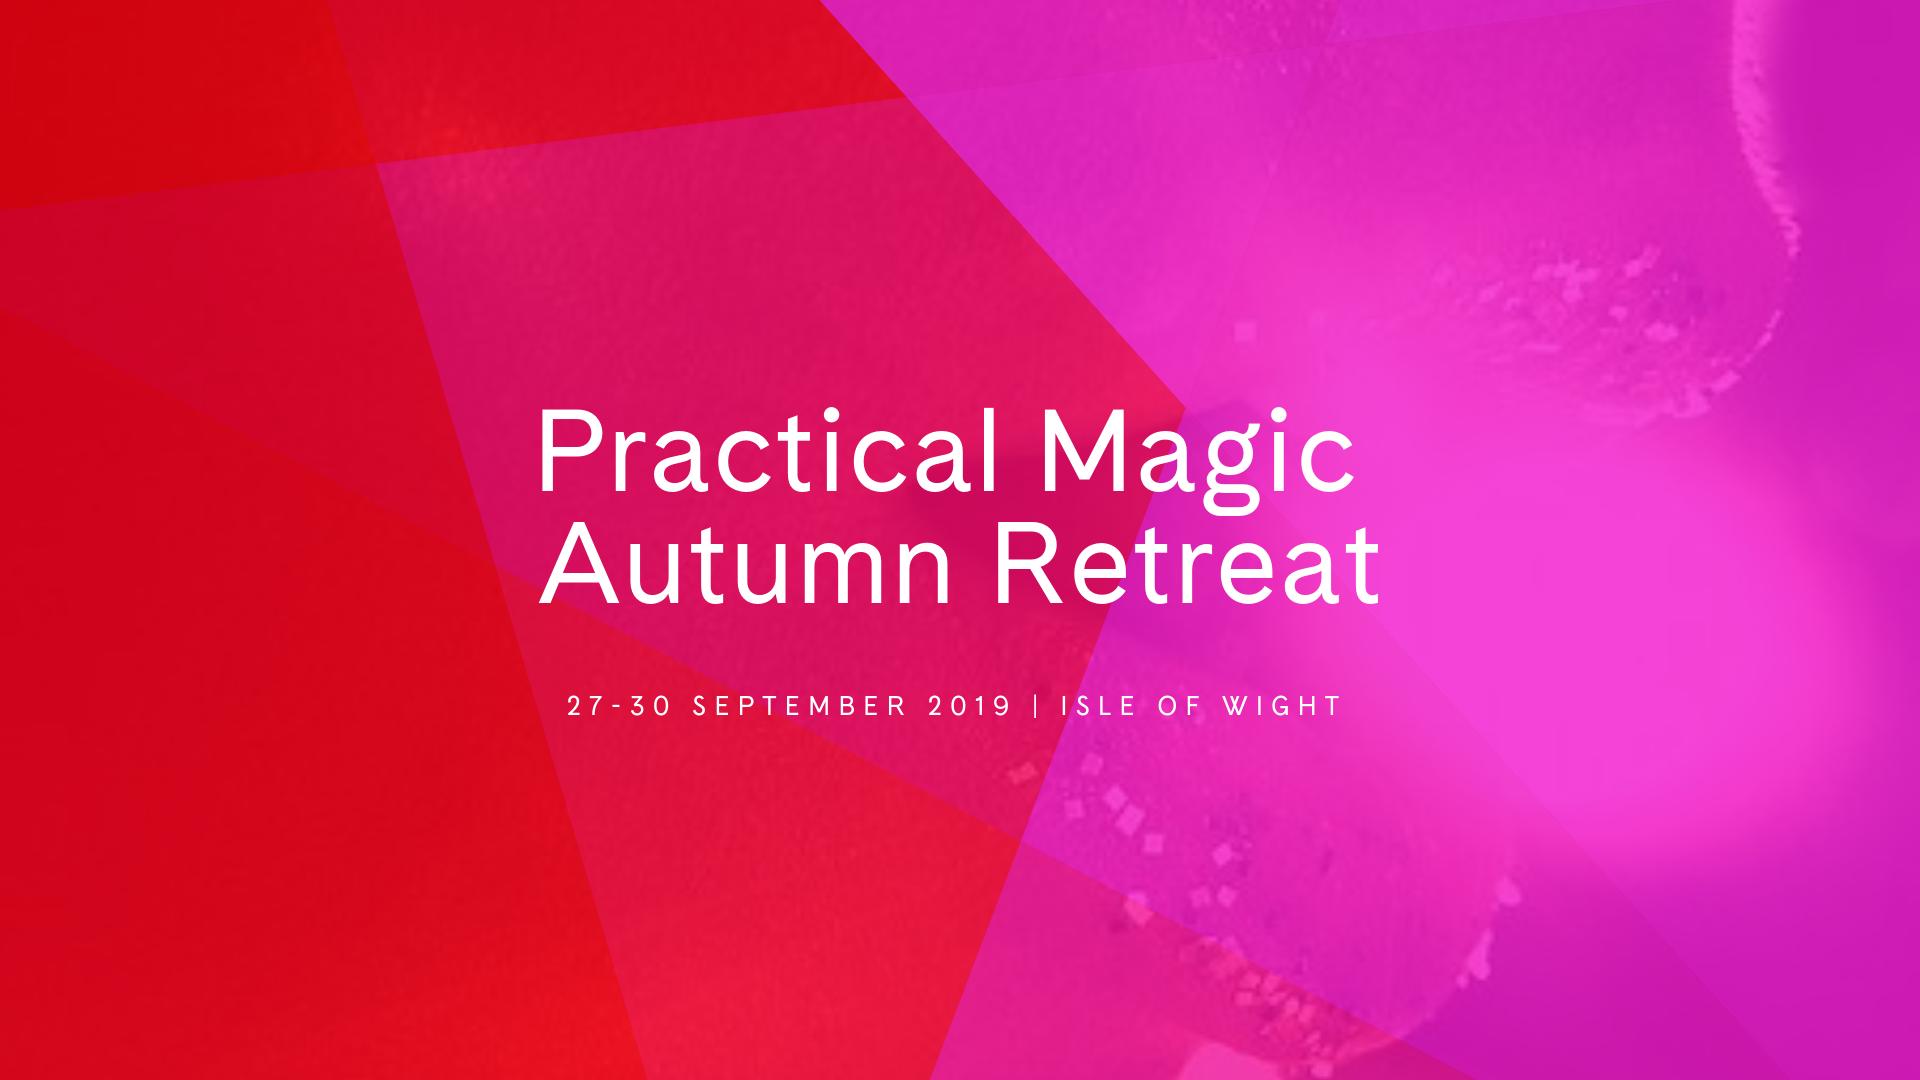 Practical Magic Weekend Retreat Autumn 2019.jpg